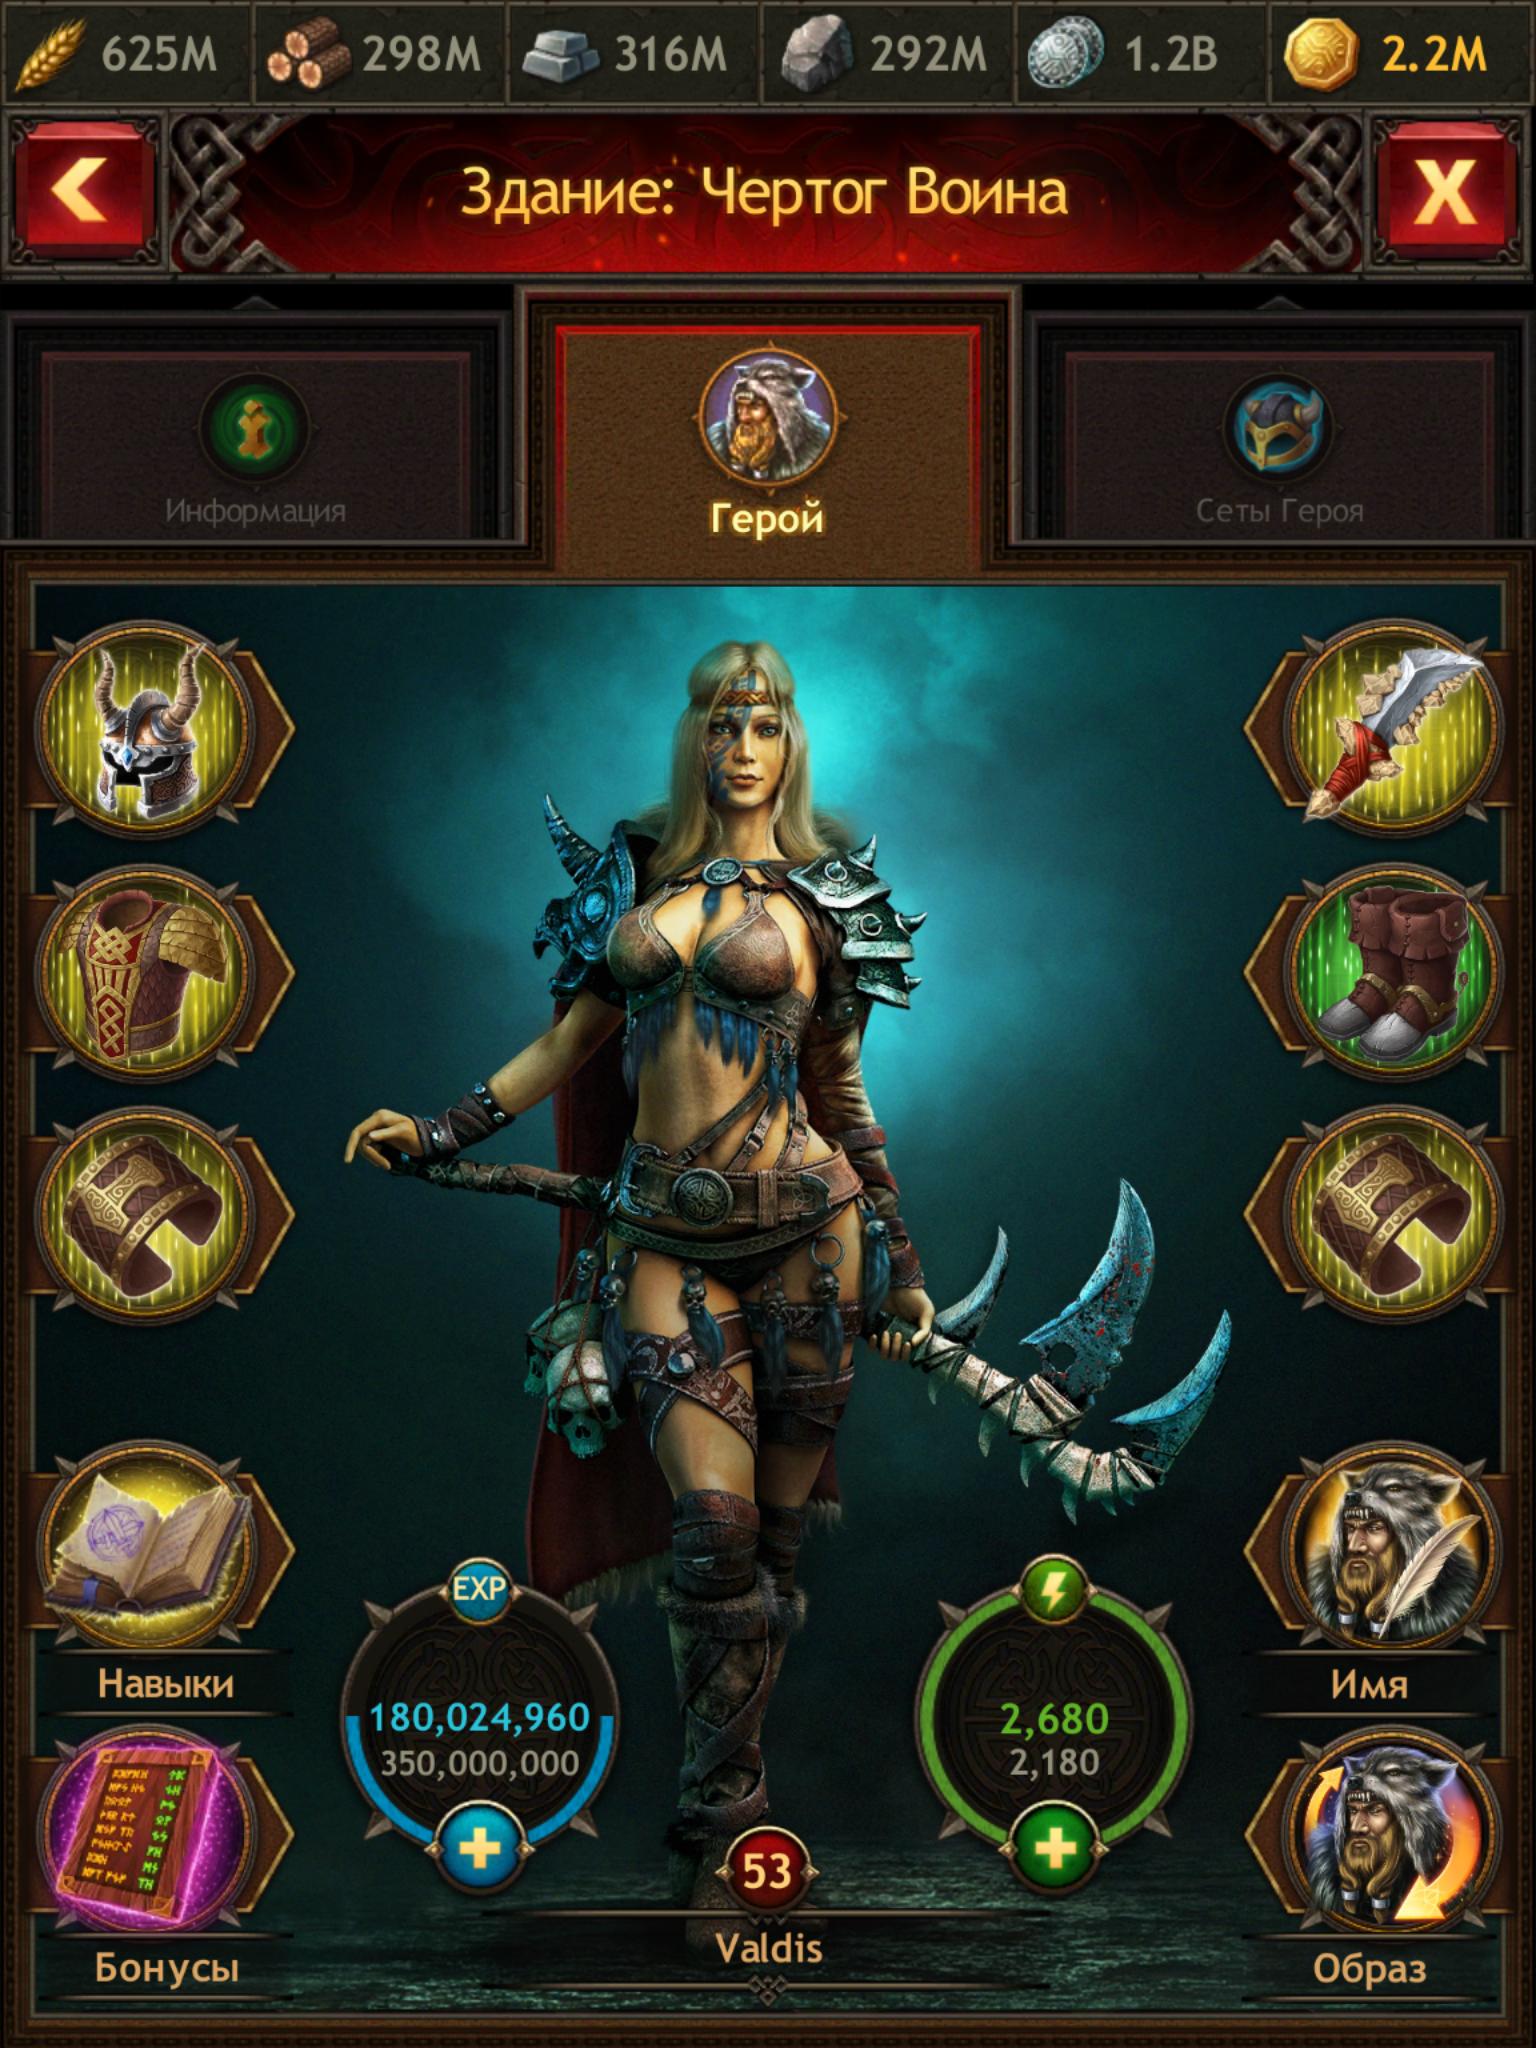 Гайд по игре Vikings War of Clans: Герои и Шаманы. - Изображение 4